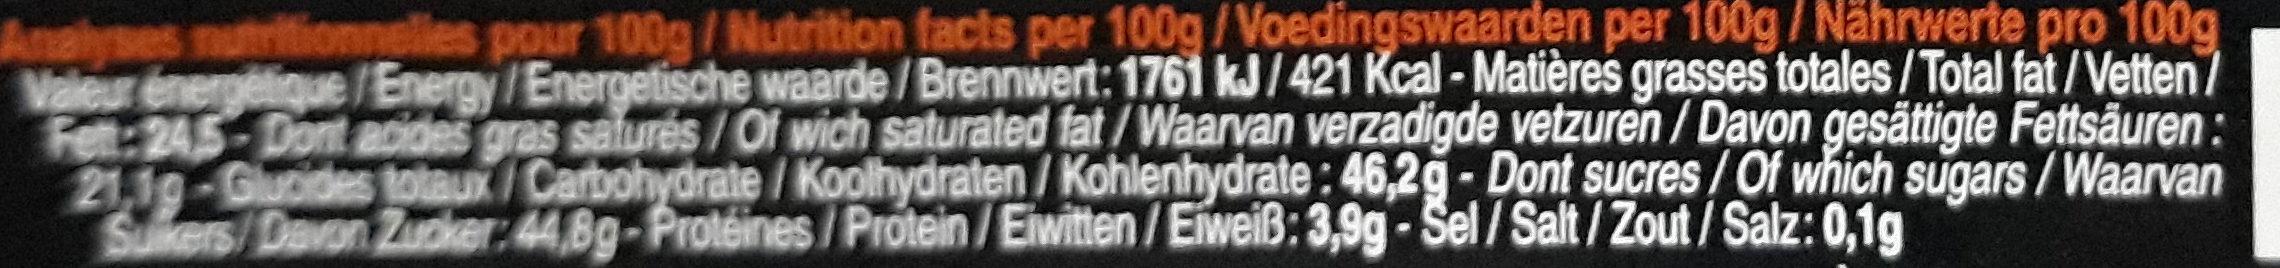 Bâton Galler Orange-Noir - Voedingswaarden - fr